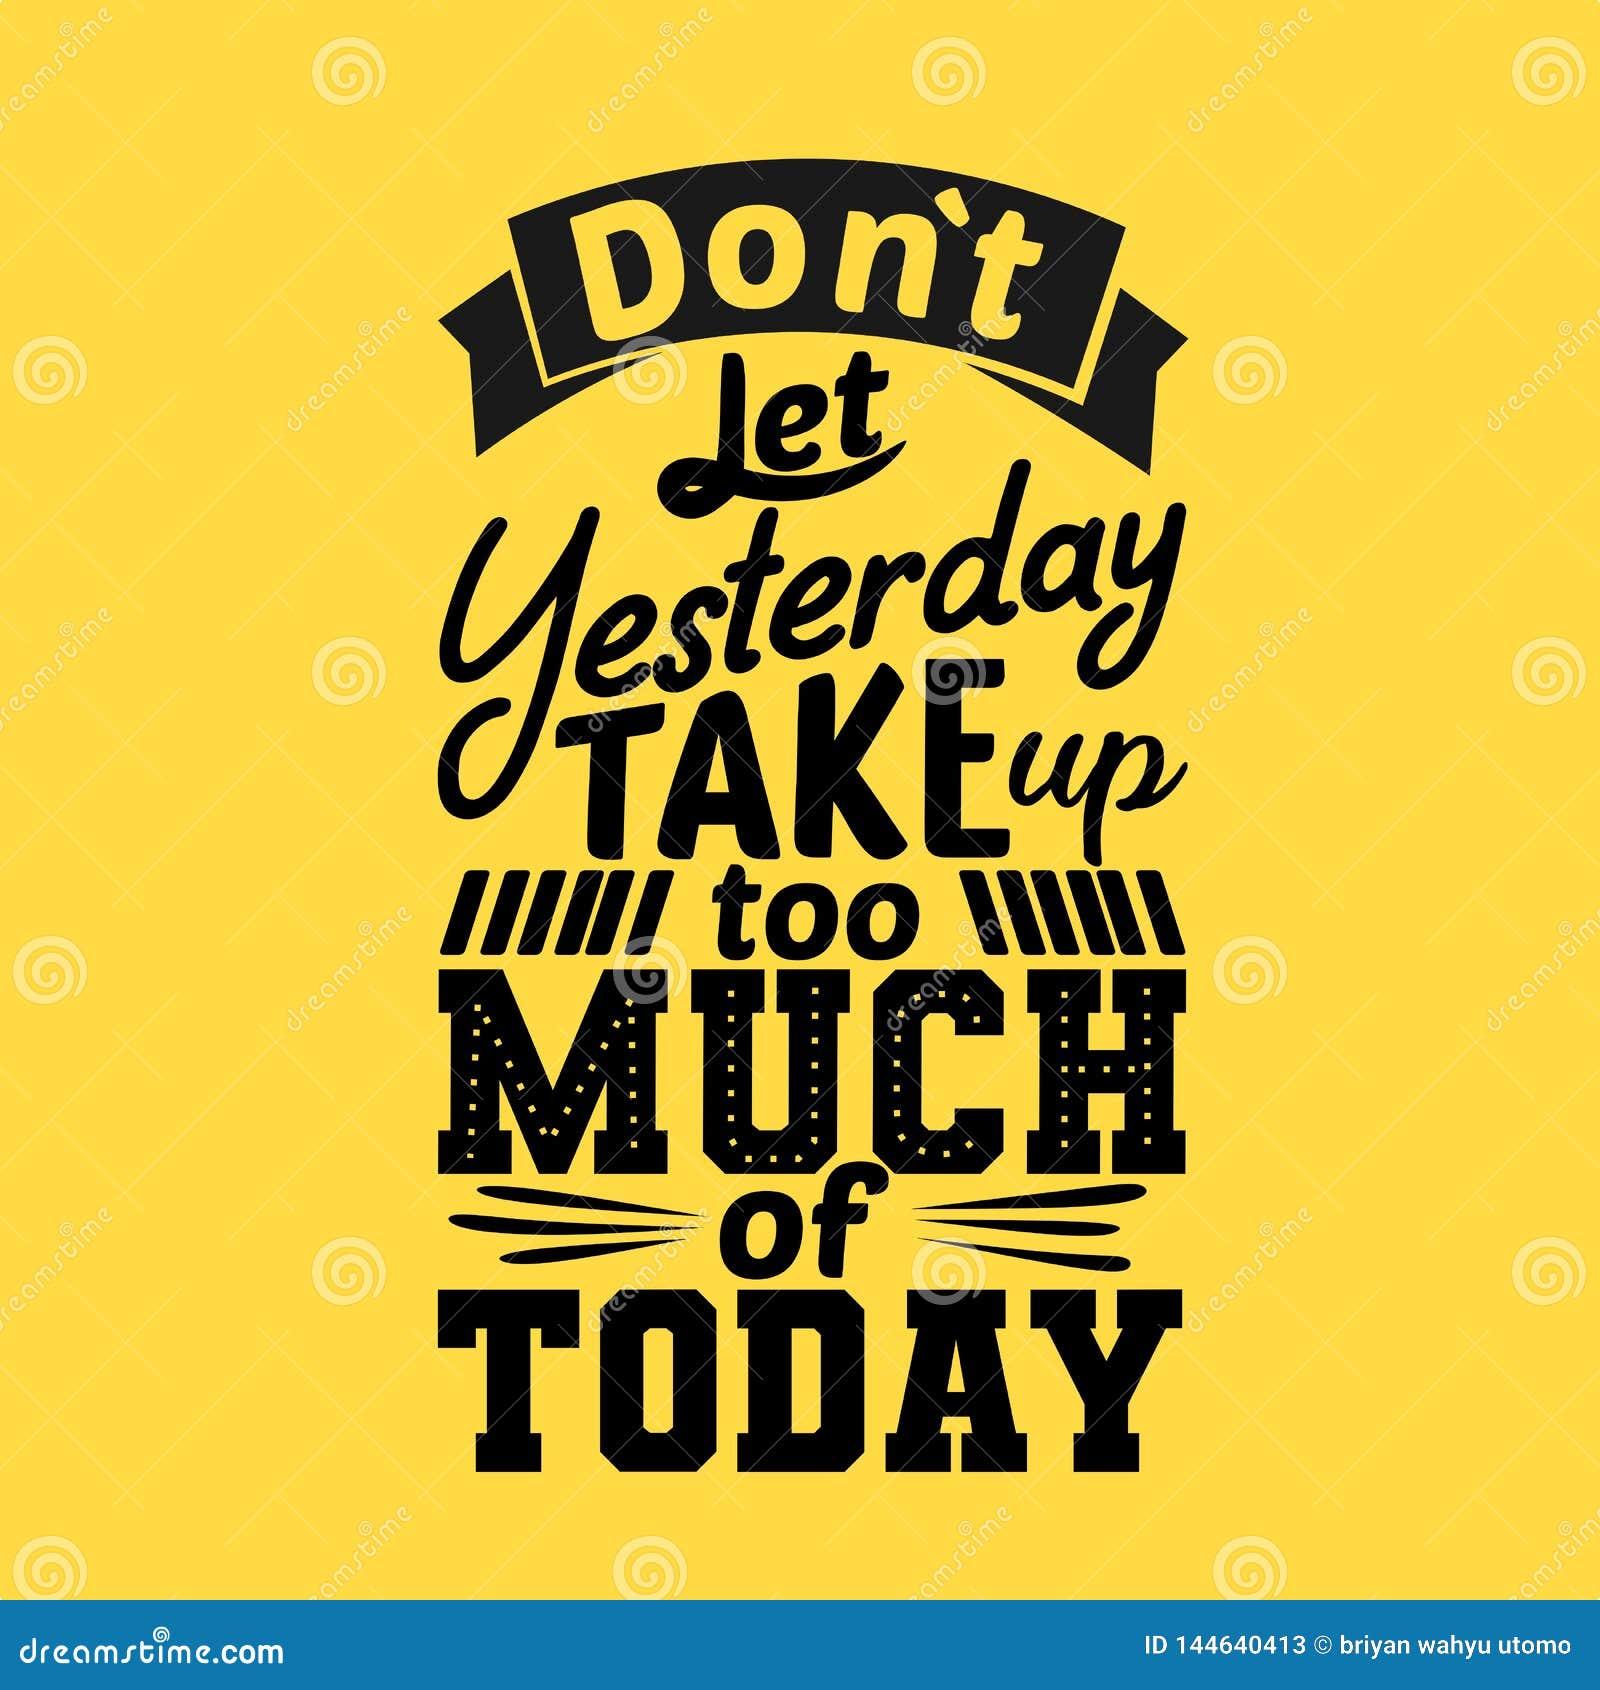 Laat niet gisteren teveel van vandaag nemen Premie motievencitaat Typografiecitaat Vectorcitaat met gele achtergrond